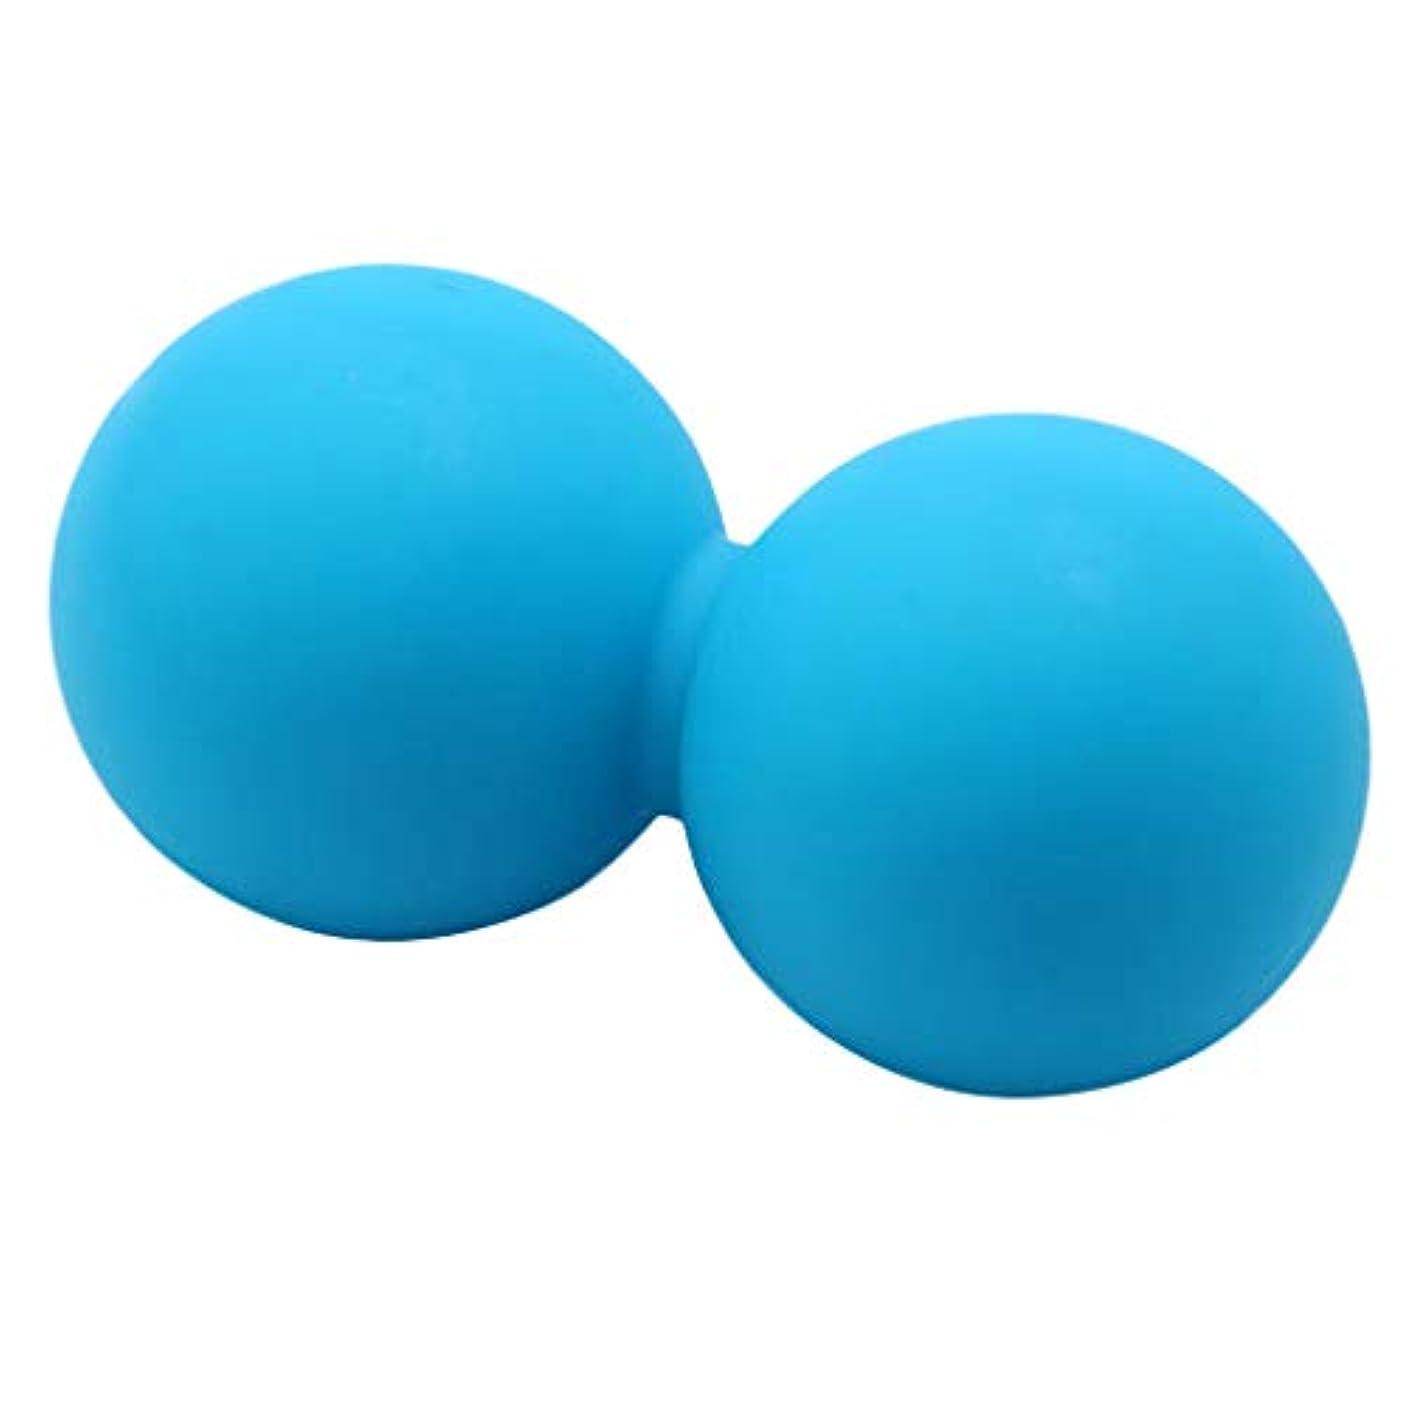 沈黙比較的バレーボールPerfeclan マッサージボール ピーナッツ ダブルラクロス トリガーポイントマッサージ